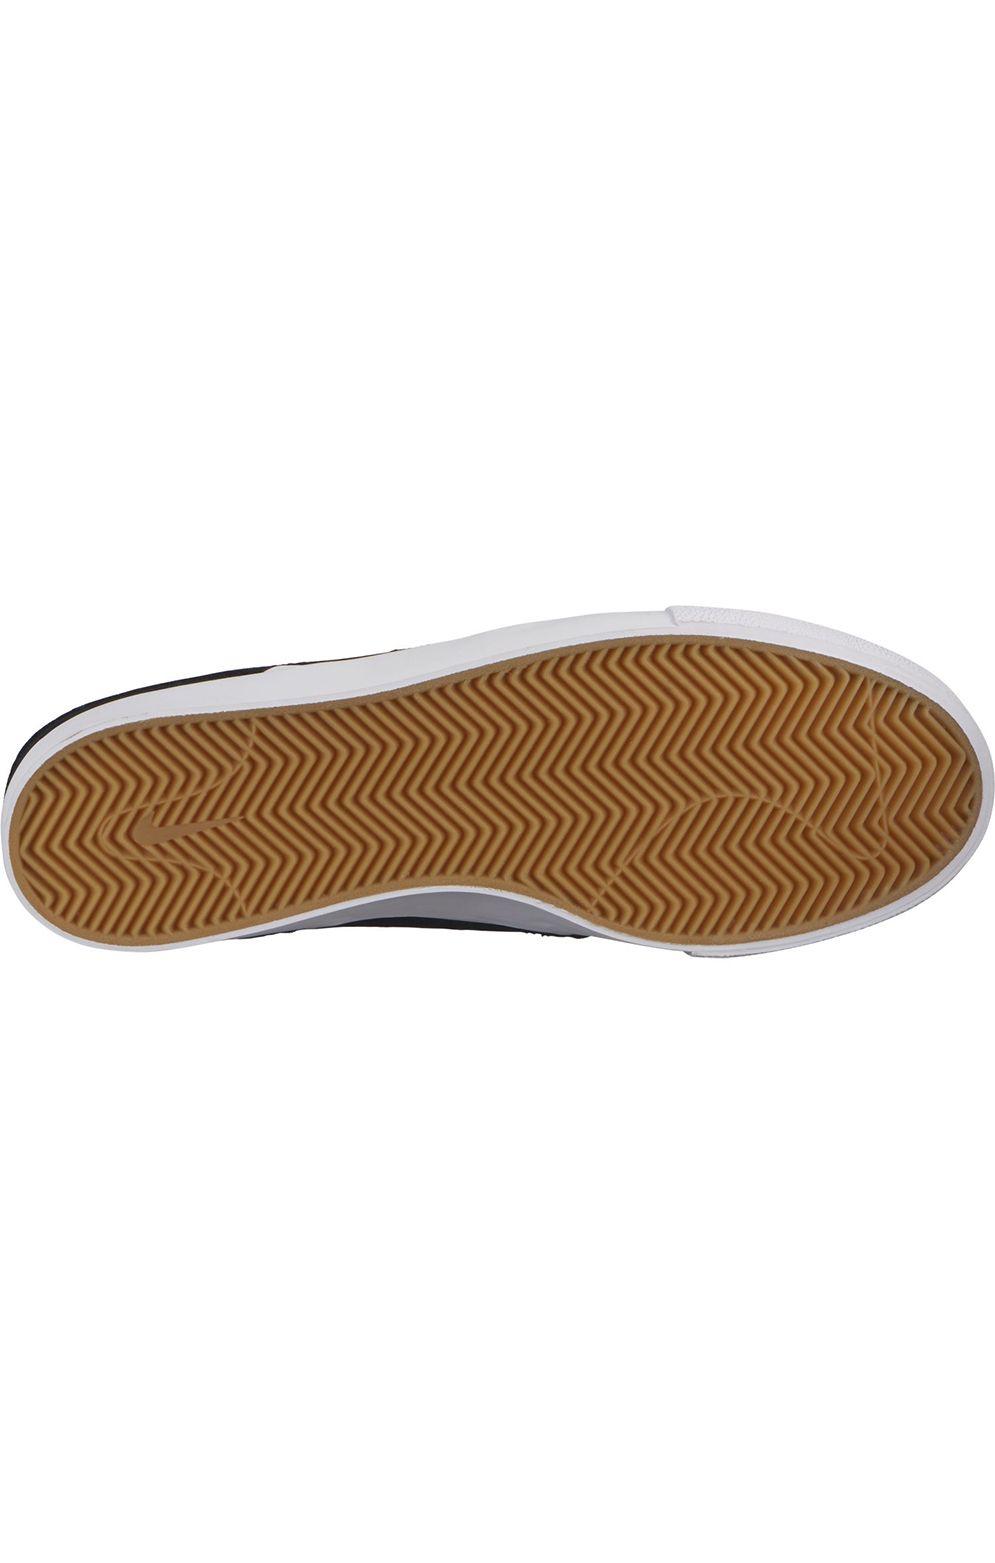 Tenis Nike Sb ZOOM STEFAN JANOSKI RM Black/White-Thunder Grey-Gum Light Brown